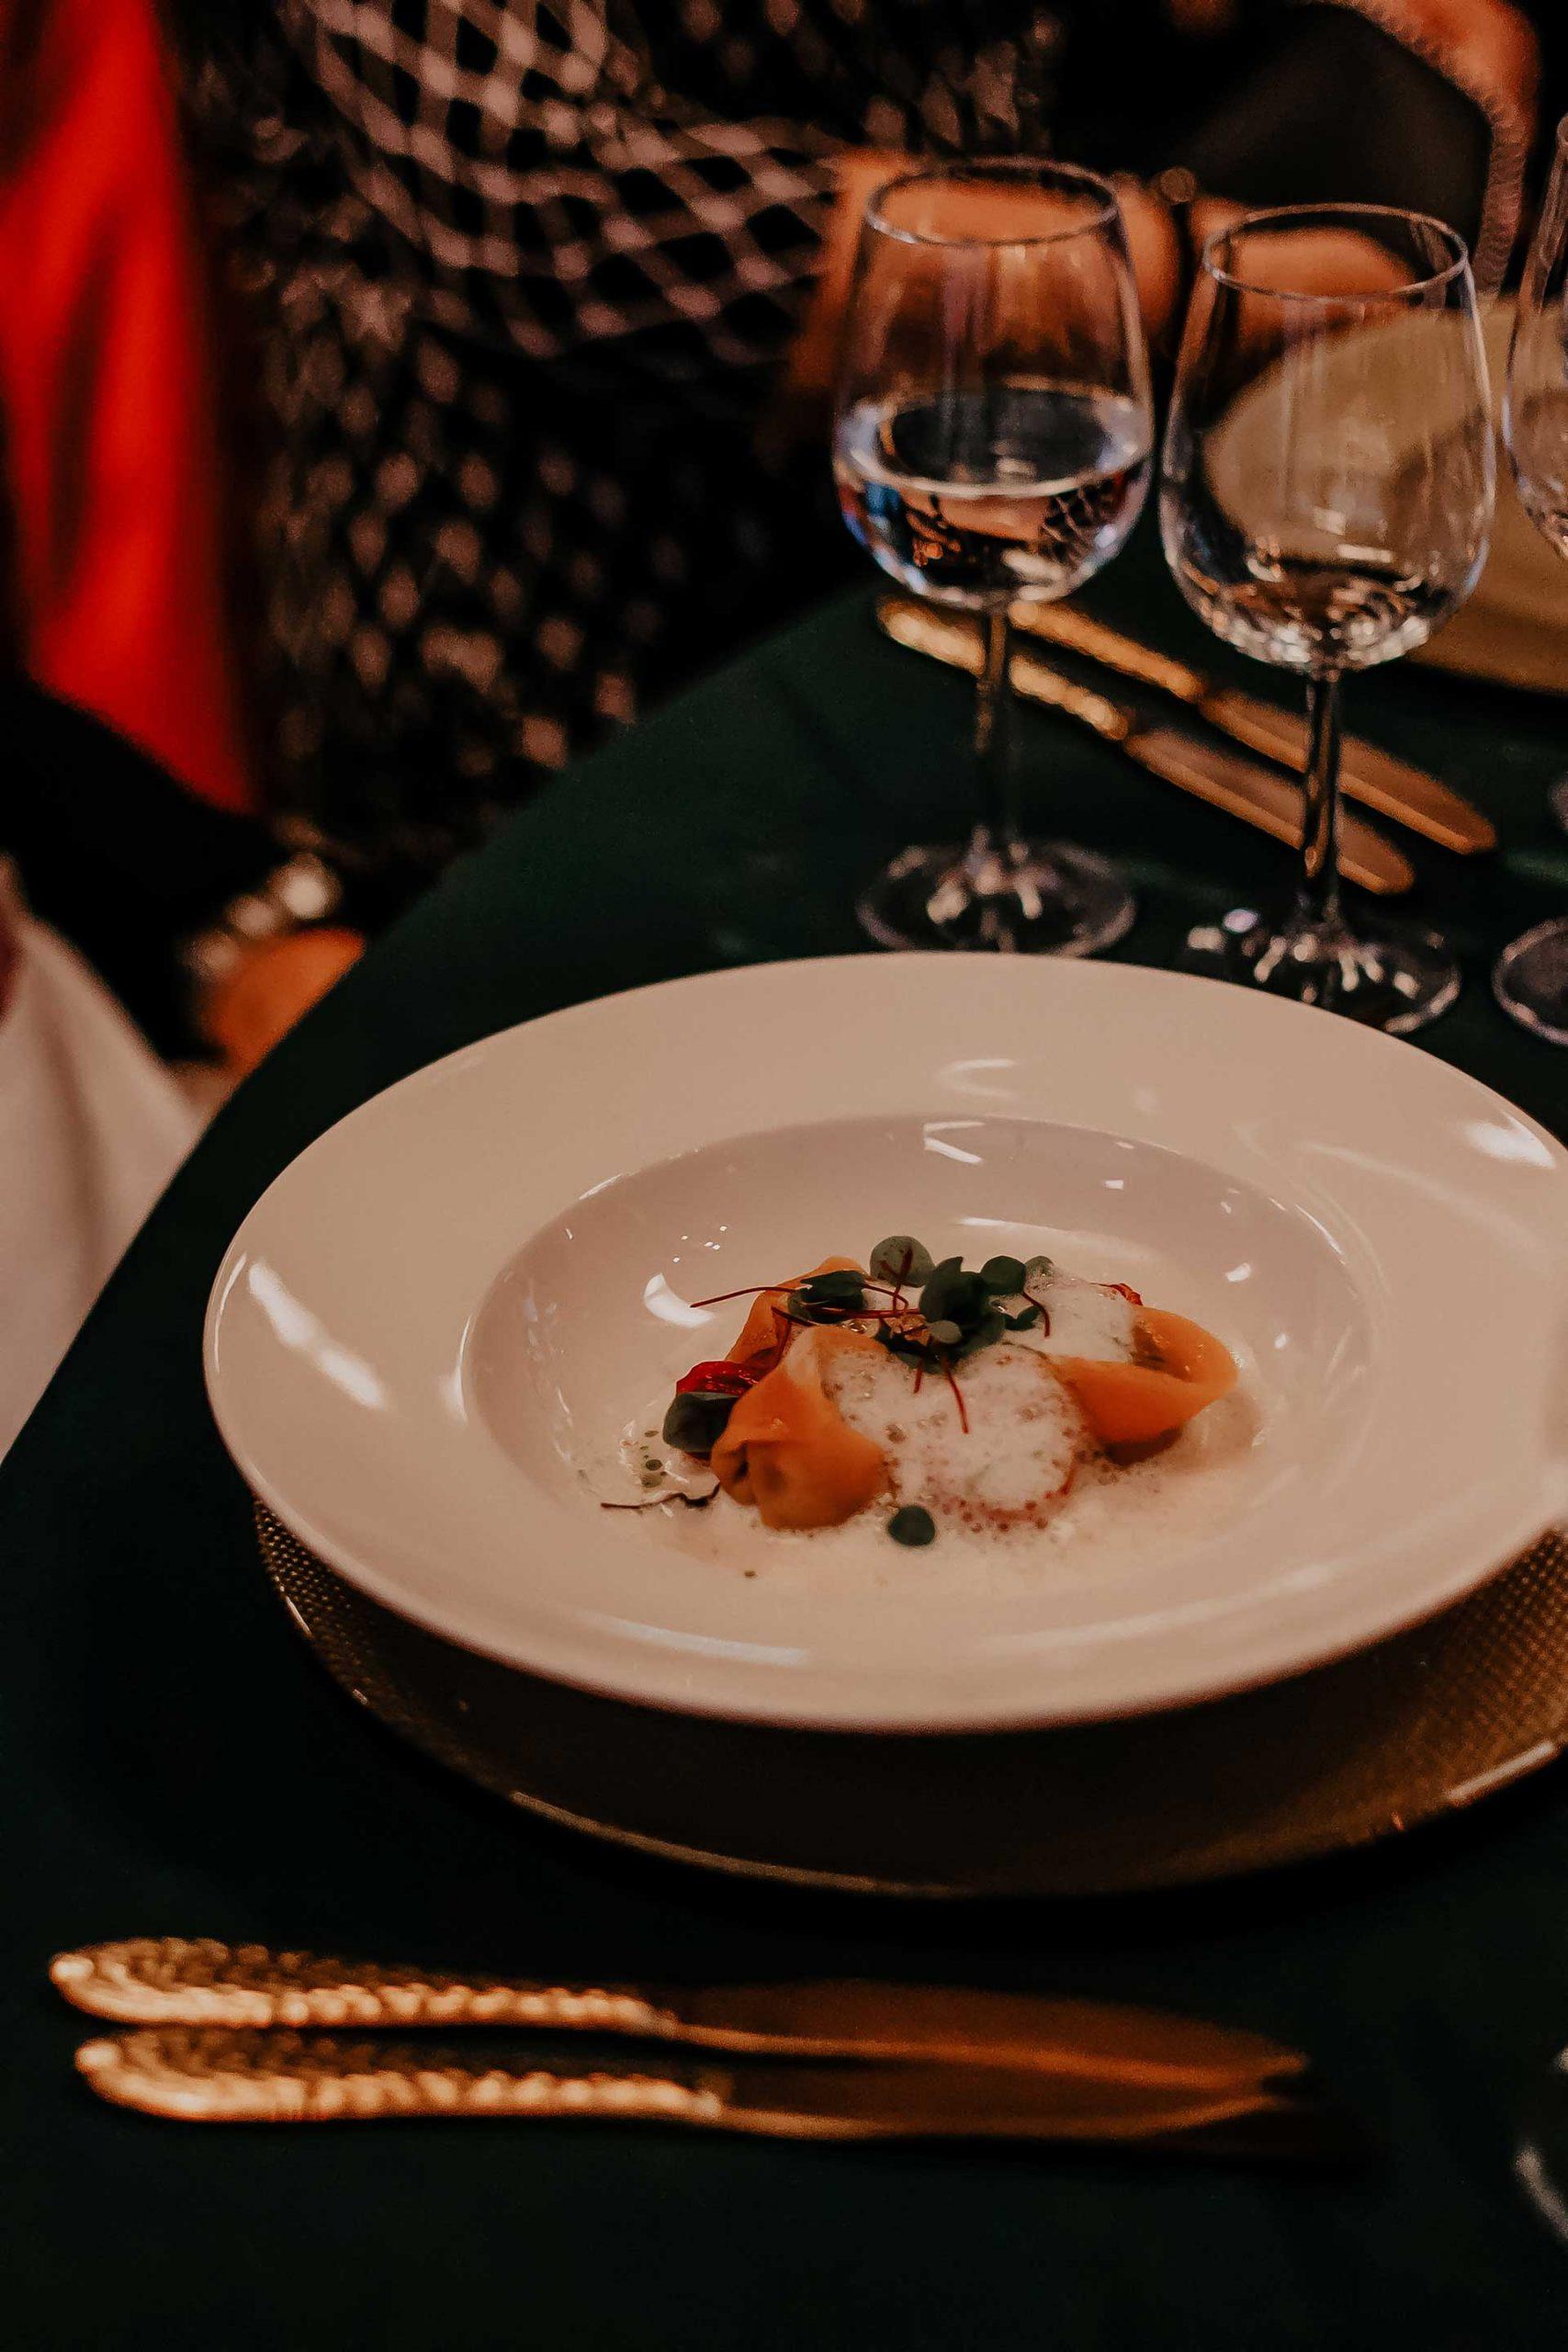 """Wie entscheidet man sich für den perfekten Hochzeitswein, wenn man im Grunde nicht viel Ahnung von Wein hat? Wir trinken zwar gerne ab und zu Mal ein Gläschen Wein zum Essen, das war's dann aber auch schon wieder. Ich nehme dich heute mit auf unsere kleine Reise und erzähle dir, wie wir die """"Welcher Wein für die Hochzeit?""""-Frage beantwortet haben. www.whoismocca.com #hochzeitswein #herbsthochzeit #rotwein #weisswein"""